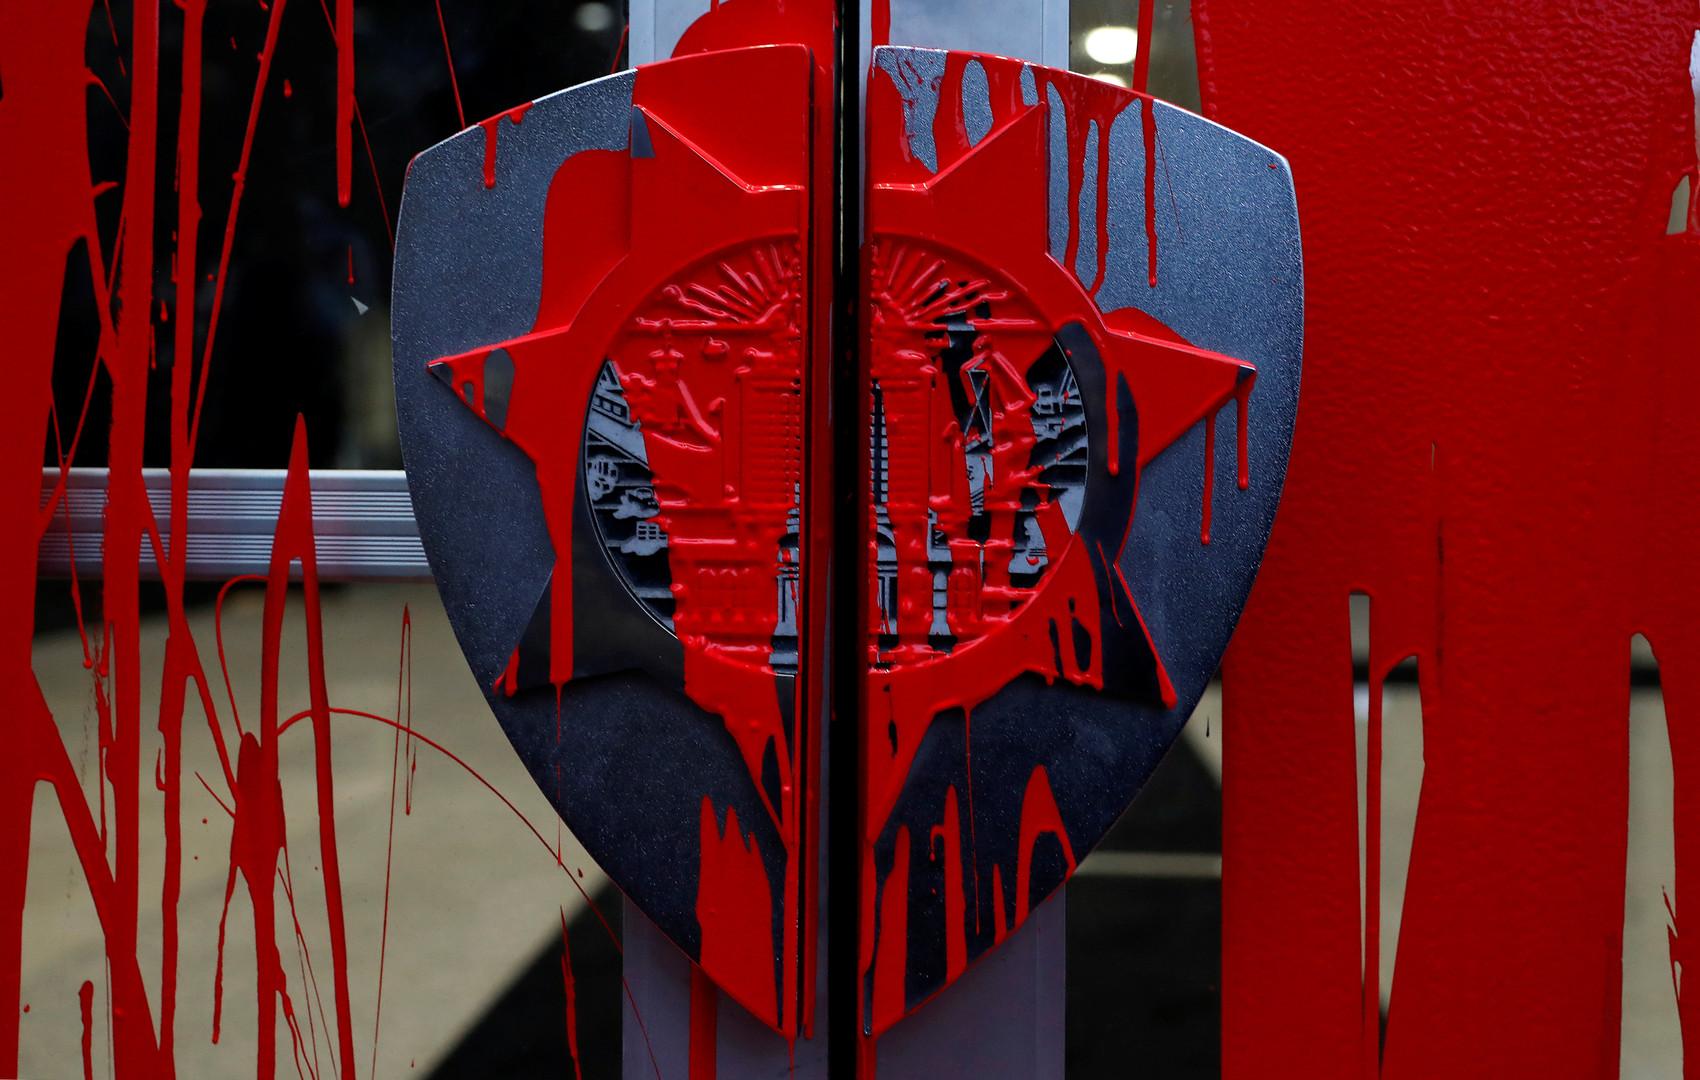 Протесты против полицейского насилия в США. Демонстранты залили дверь полицейского участка в городе Окленд, Калифорния  красной краской, символизирующей кровь погибших от рук полиции афроамериканцев.